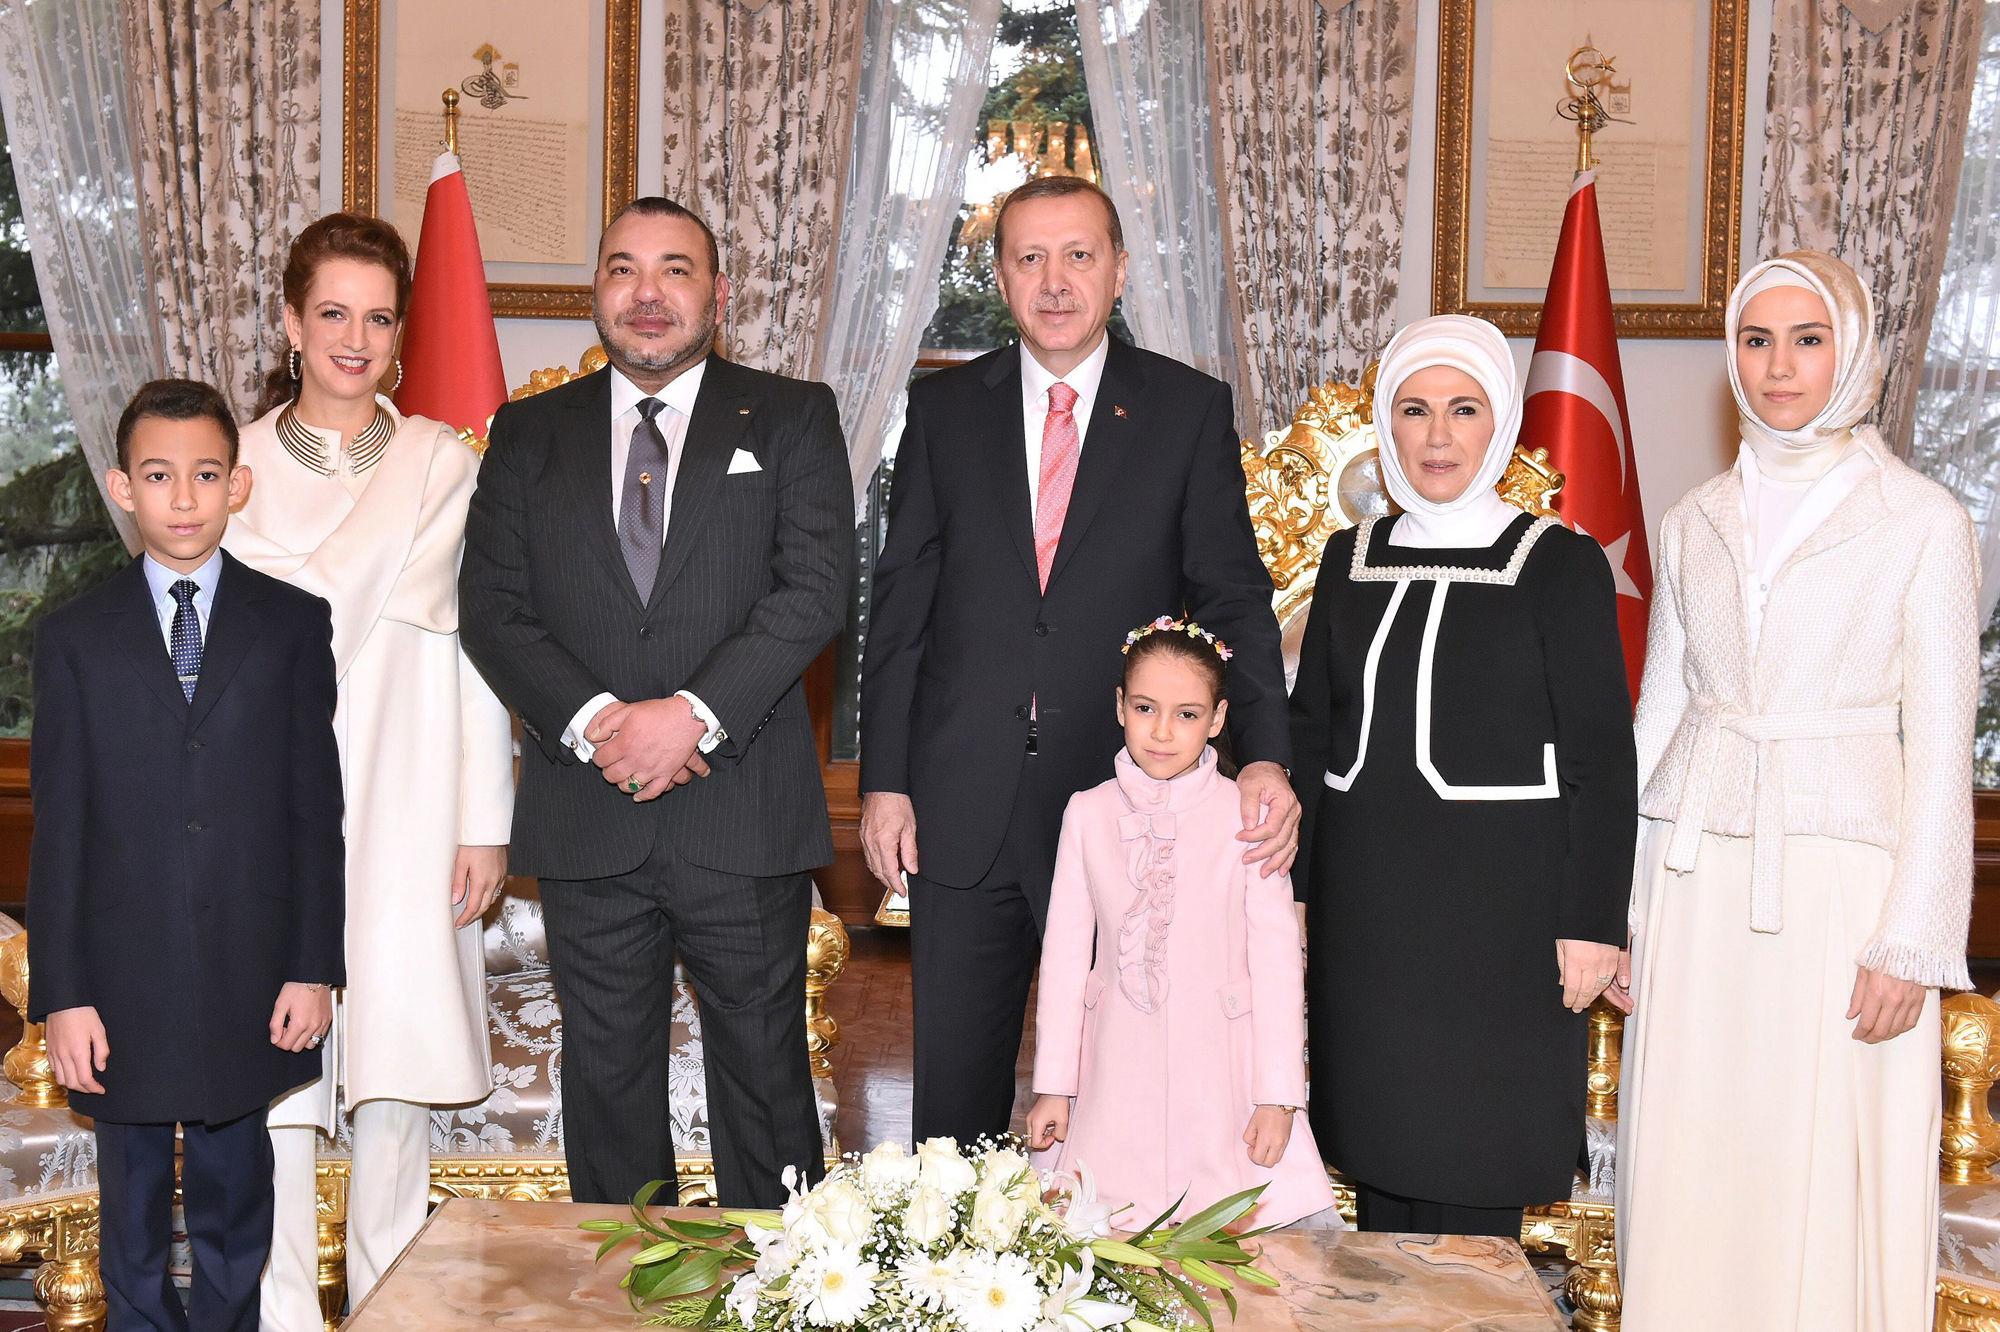 Le-roi-Mohammed-VI-du-Maroc-prend-la-pose-en-famille-avec-celle-du-president-Recep-Tayyip-Erdogan-lors-d-une-visite-privee-en-Turquie